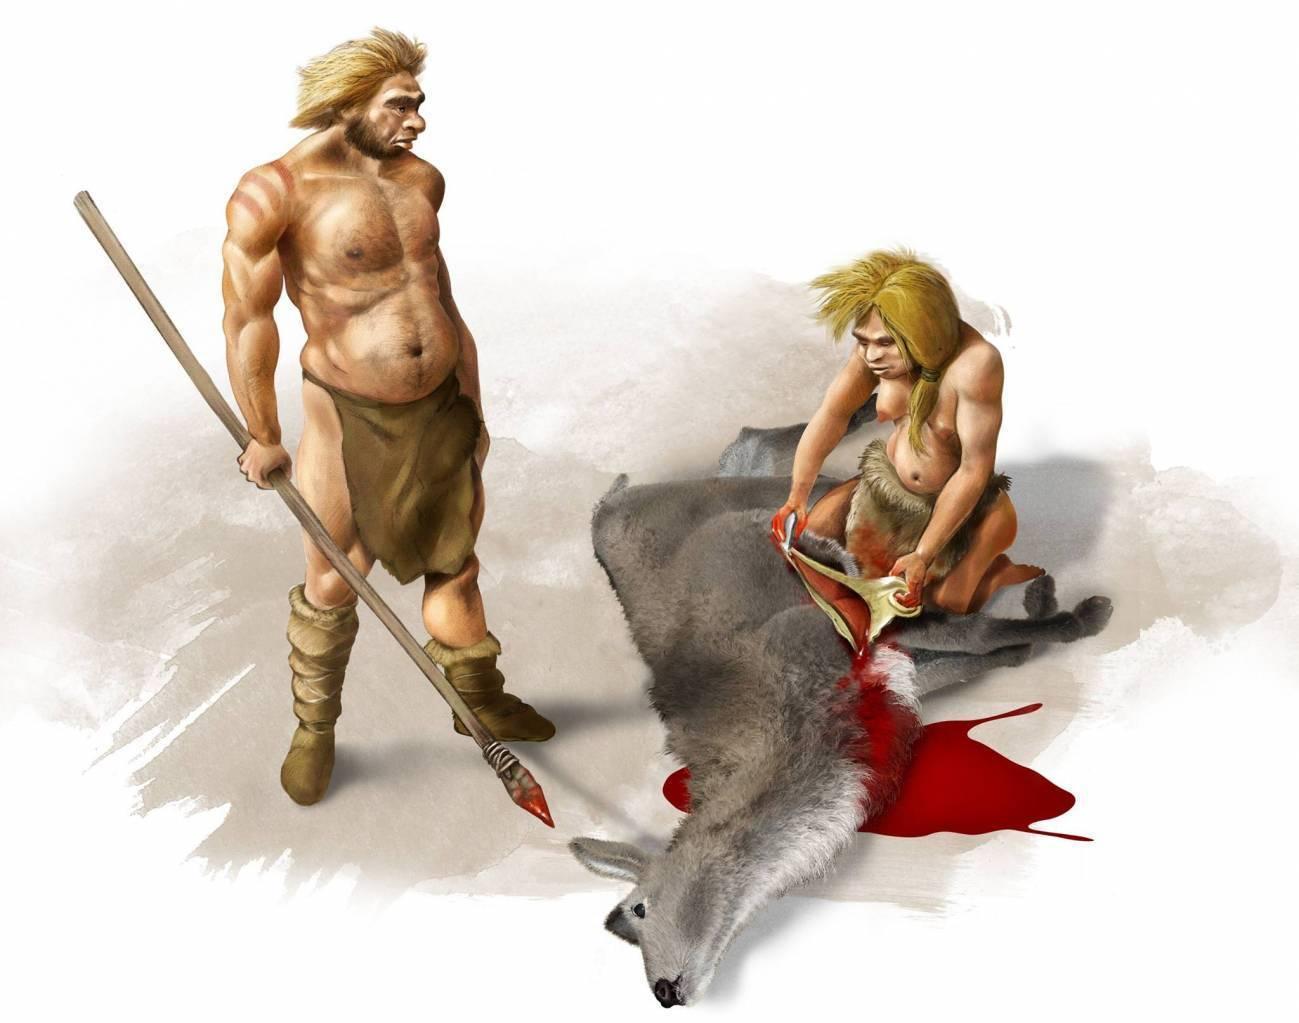 Los pulgares de los neandertales se adaptaron para sujetar herramientas con mango - Los-pulgares-de-los-neandertales-se-adaptaron-para-sujetar-herramientas-con-mango